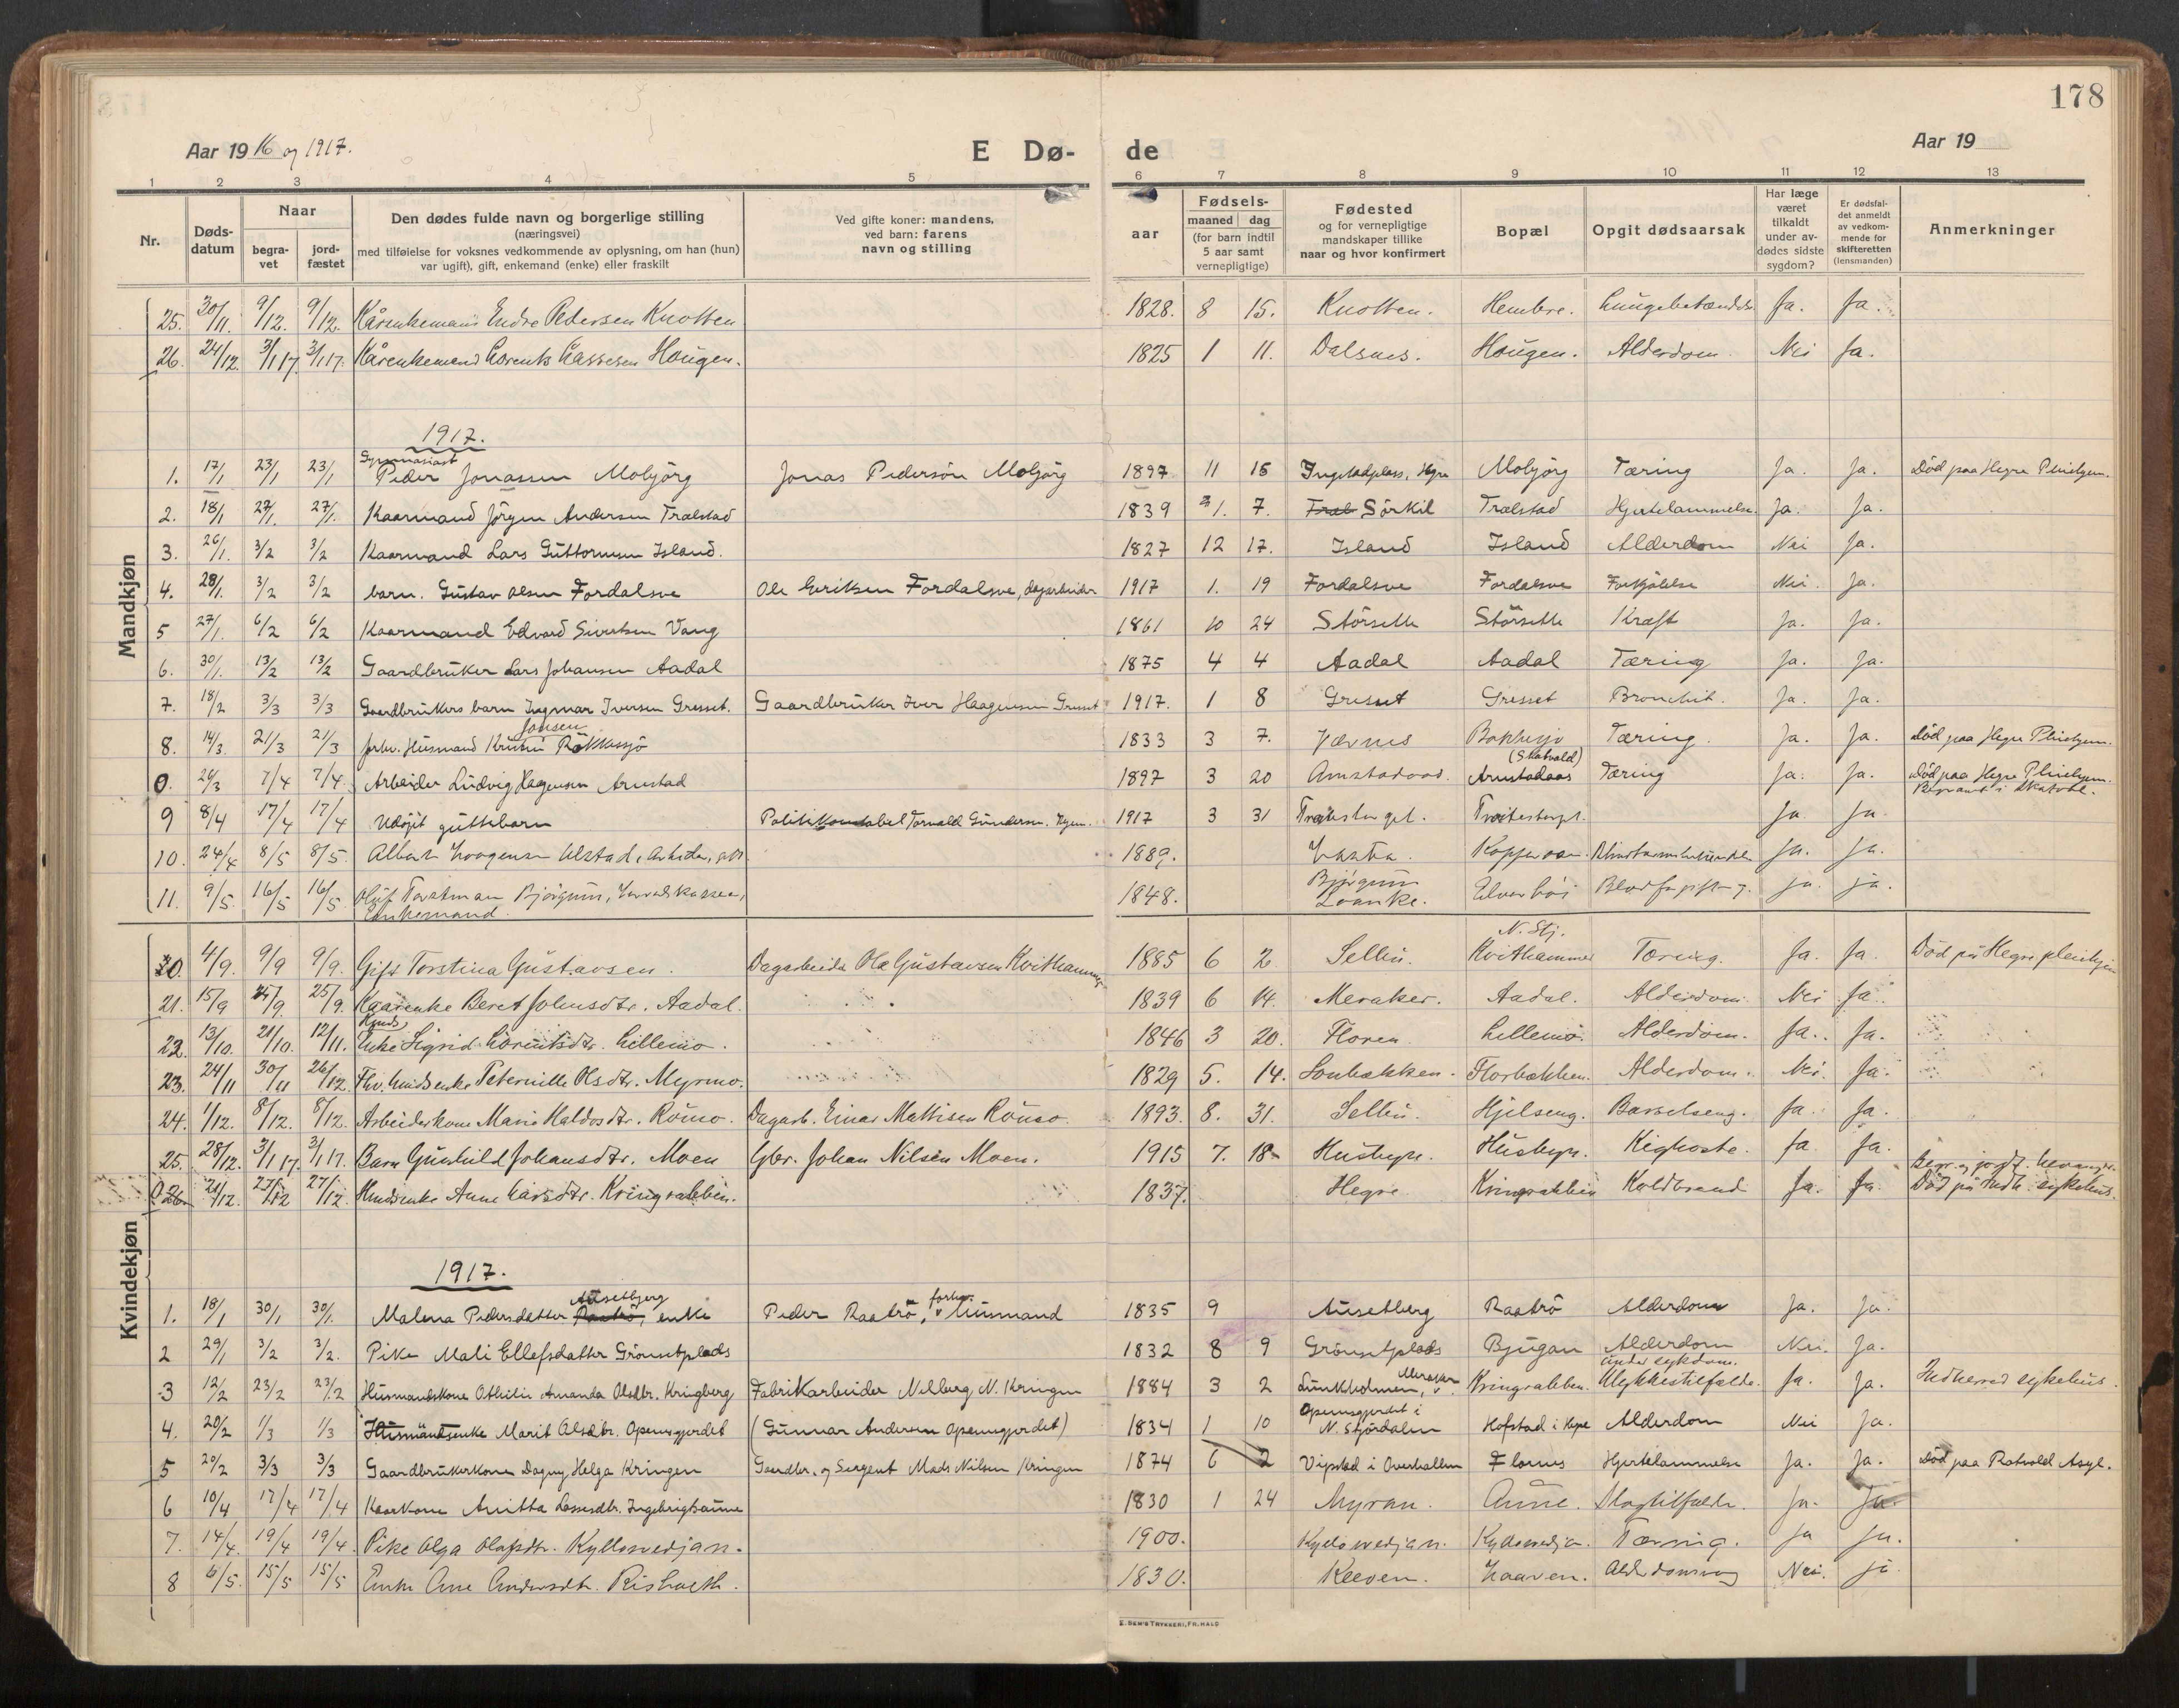 SAT, Ministerialprotokoller, klokkerbøker og fødselsregistre - Nord-Trøndelag, 703/L0037: Parish register (official) no. 703A10, 1915-1932, p. 178